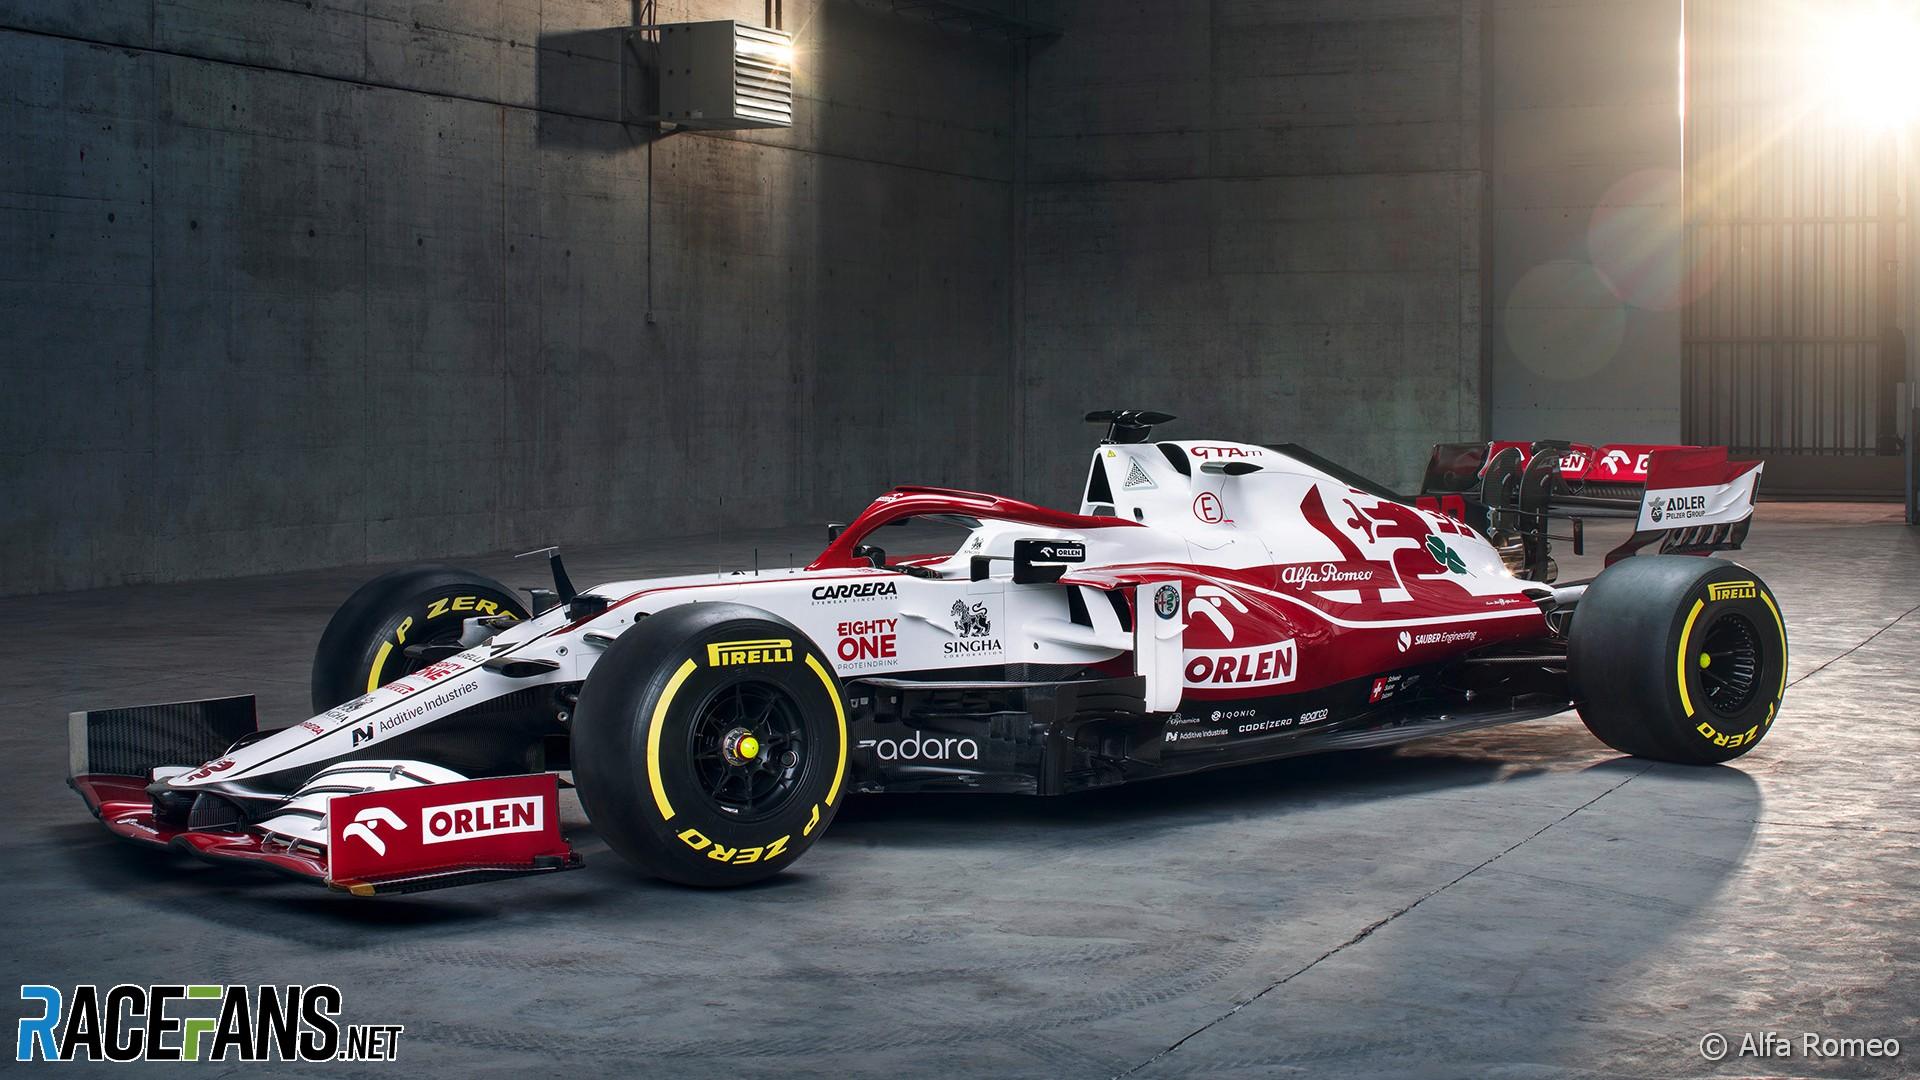 racefansdotnet-21-02-21-23-45-21-1.jpg